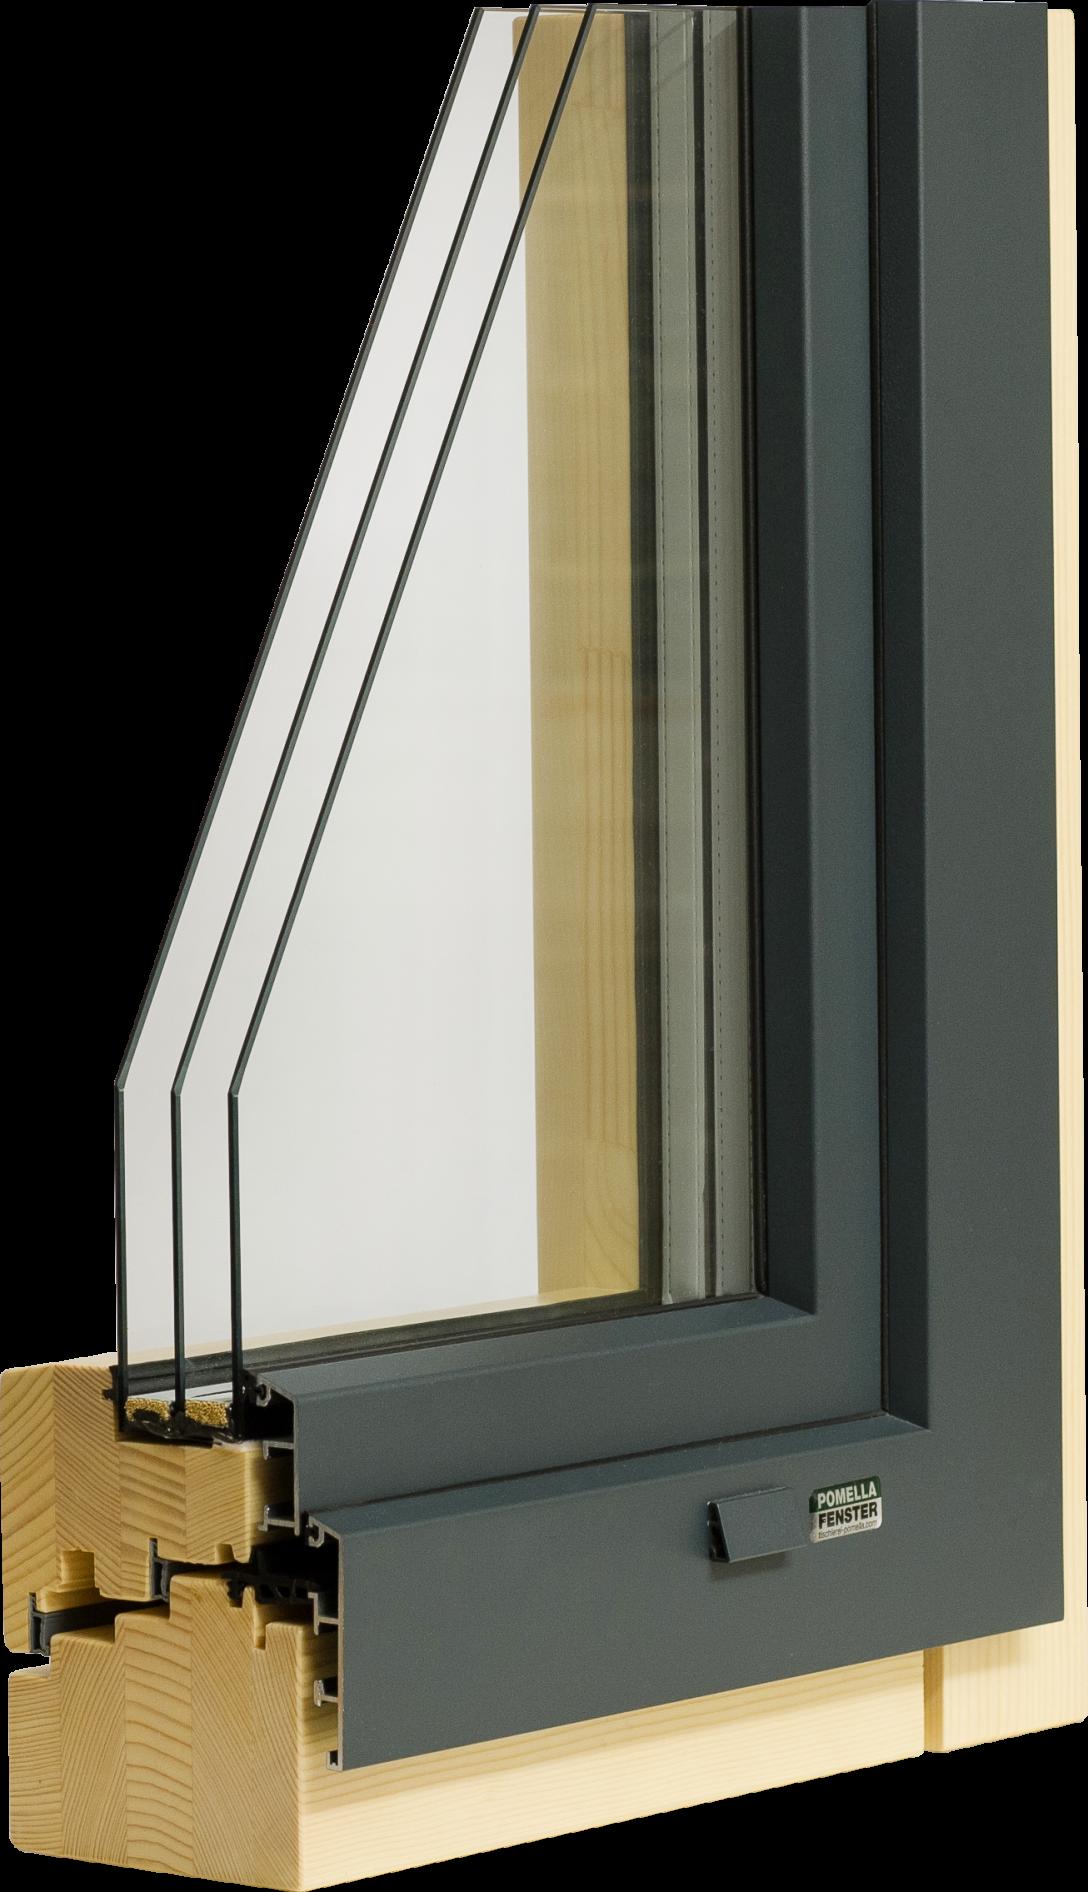 Large Size of Fenster 3 Fach Verglasung Holz Alu Mit 2 Oder Innen Flchenbndig Fliegengitter Klebefolie Für Verdunkeln Rolladenkasten Sofa Relaxfunktion Sitzer Rc3 Runde Rc Fenster Fenster 3 Fach Verglasung